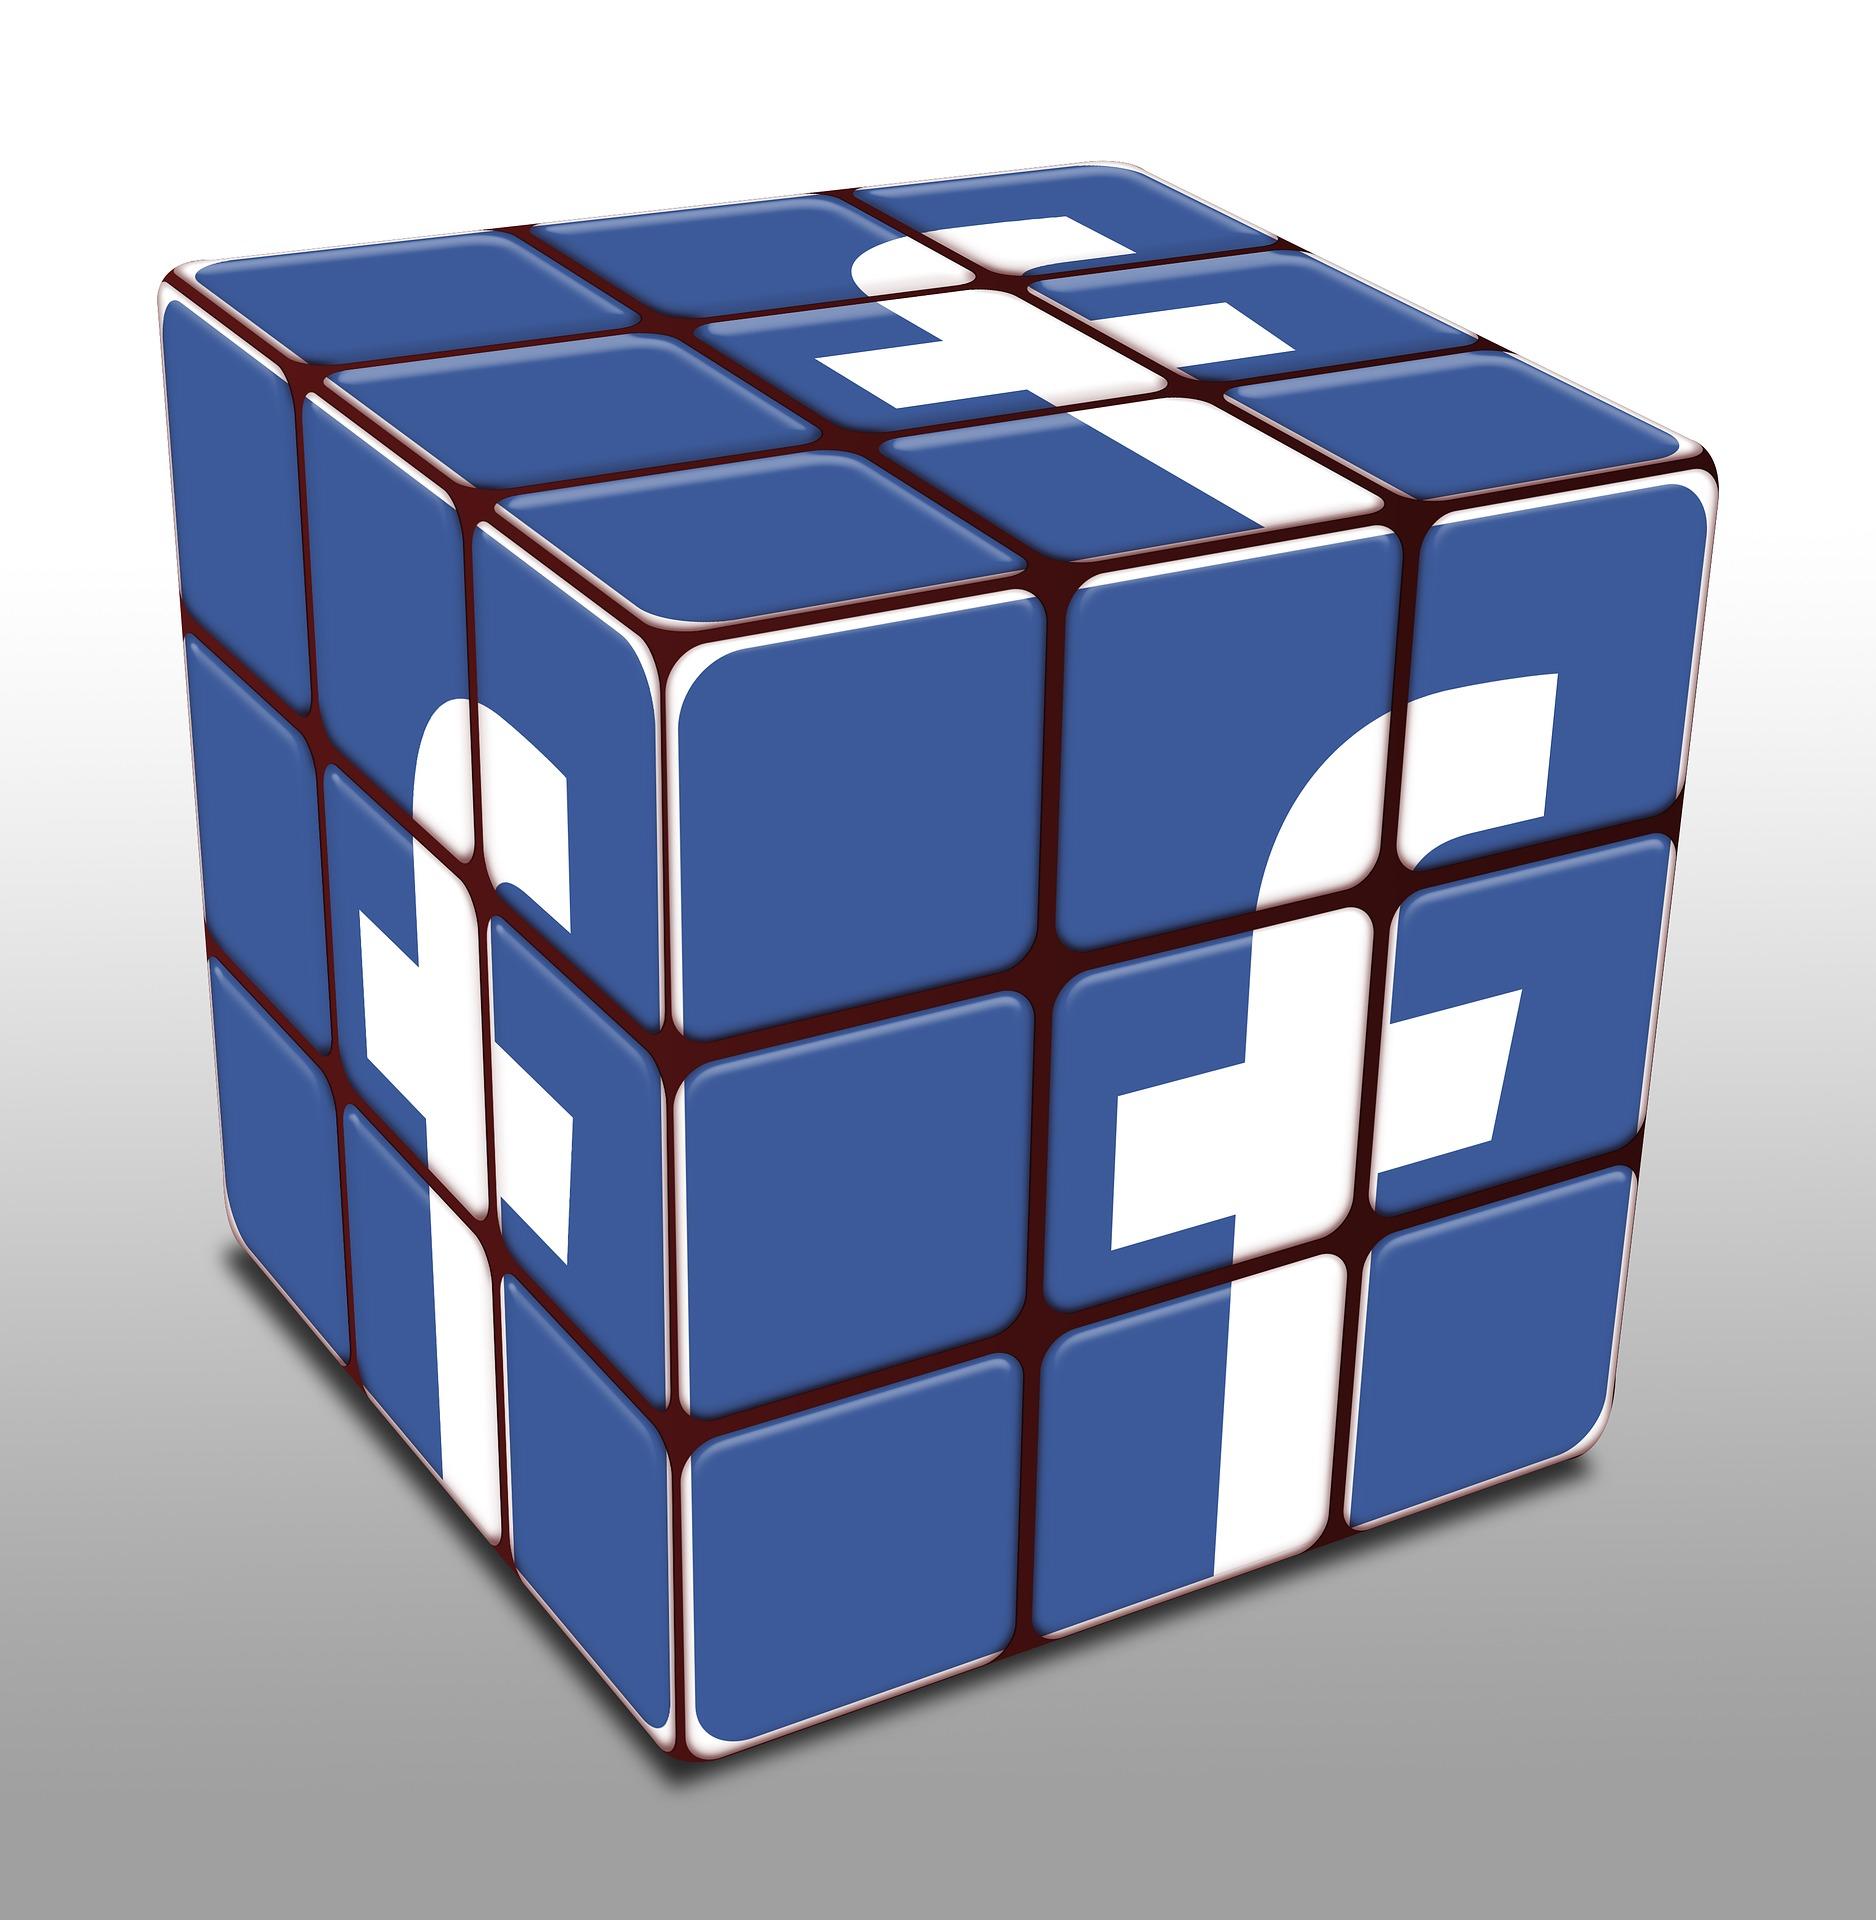 Facebook podozrieva Rusko z ovplyvňovania verejnej mienky pred voľbami